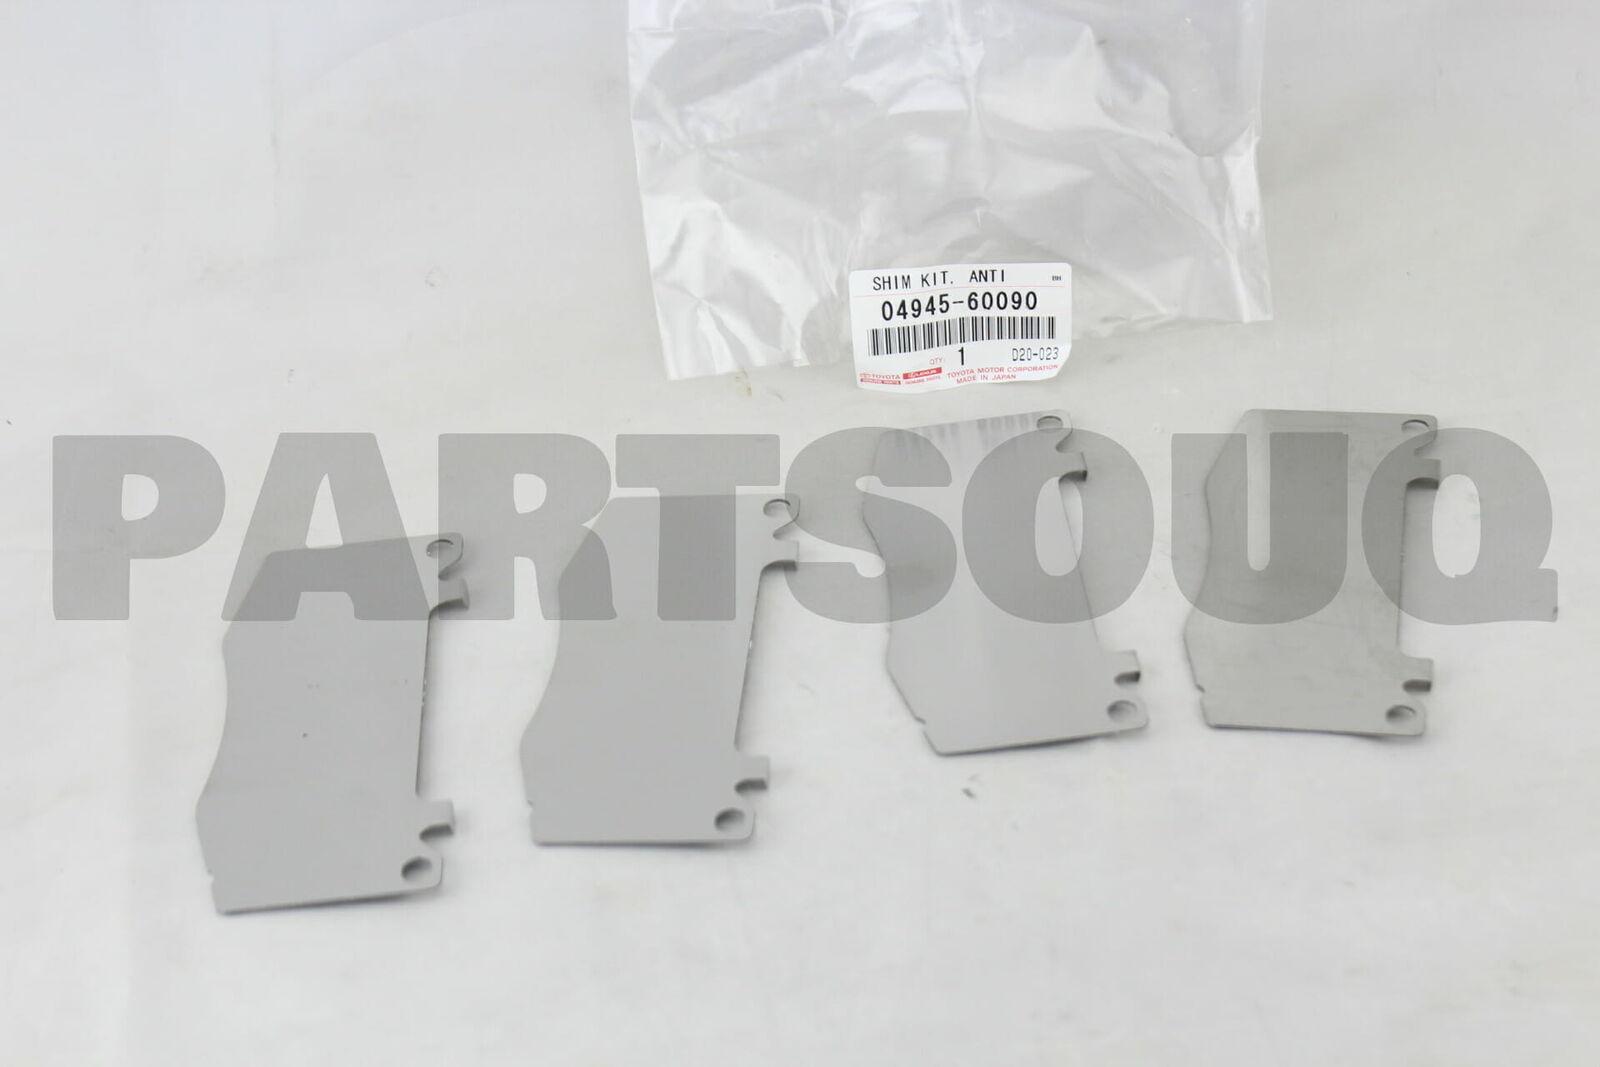 Genuine Toyota Shim Kit Anti Squea 04945-60090